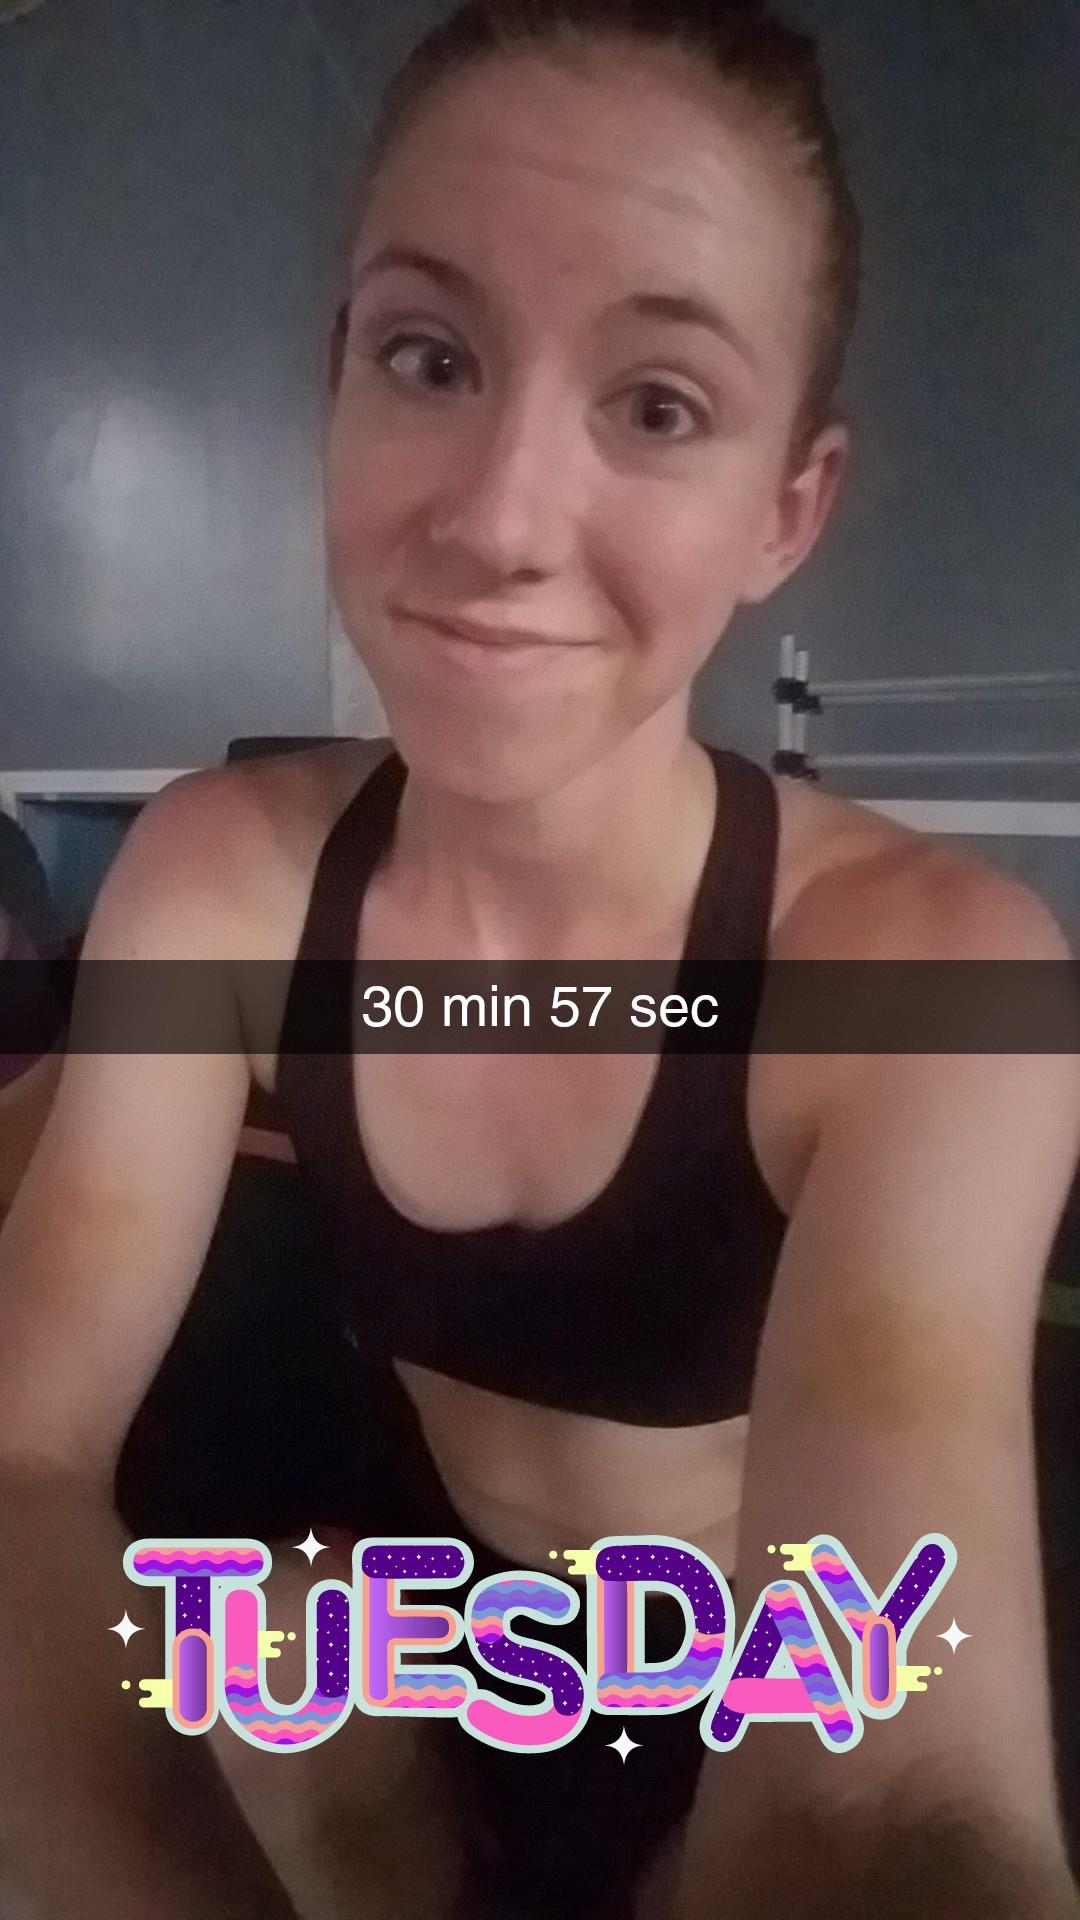 Week 6 Run